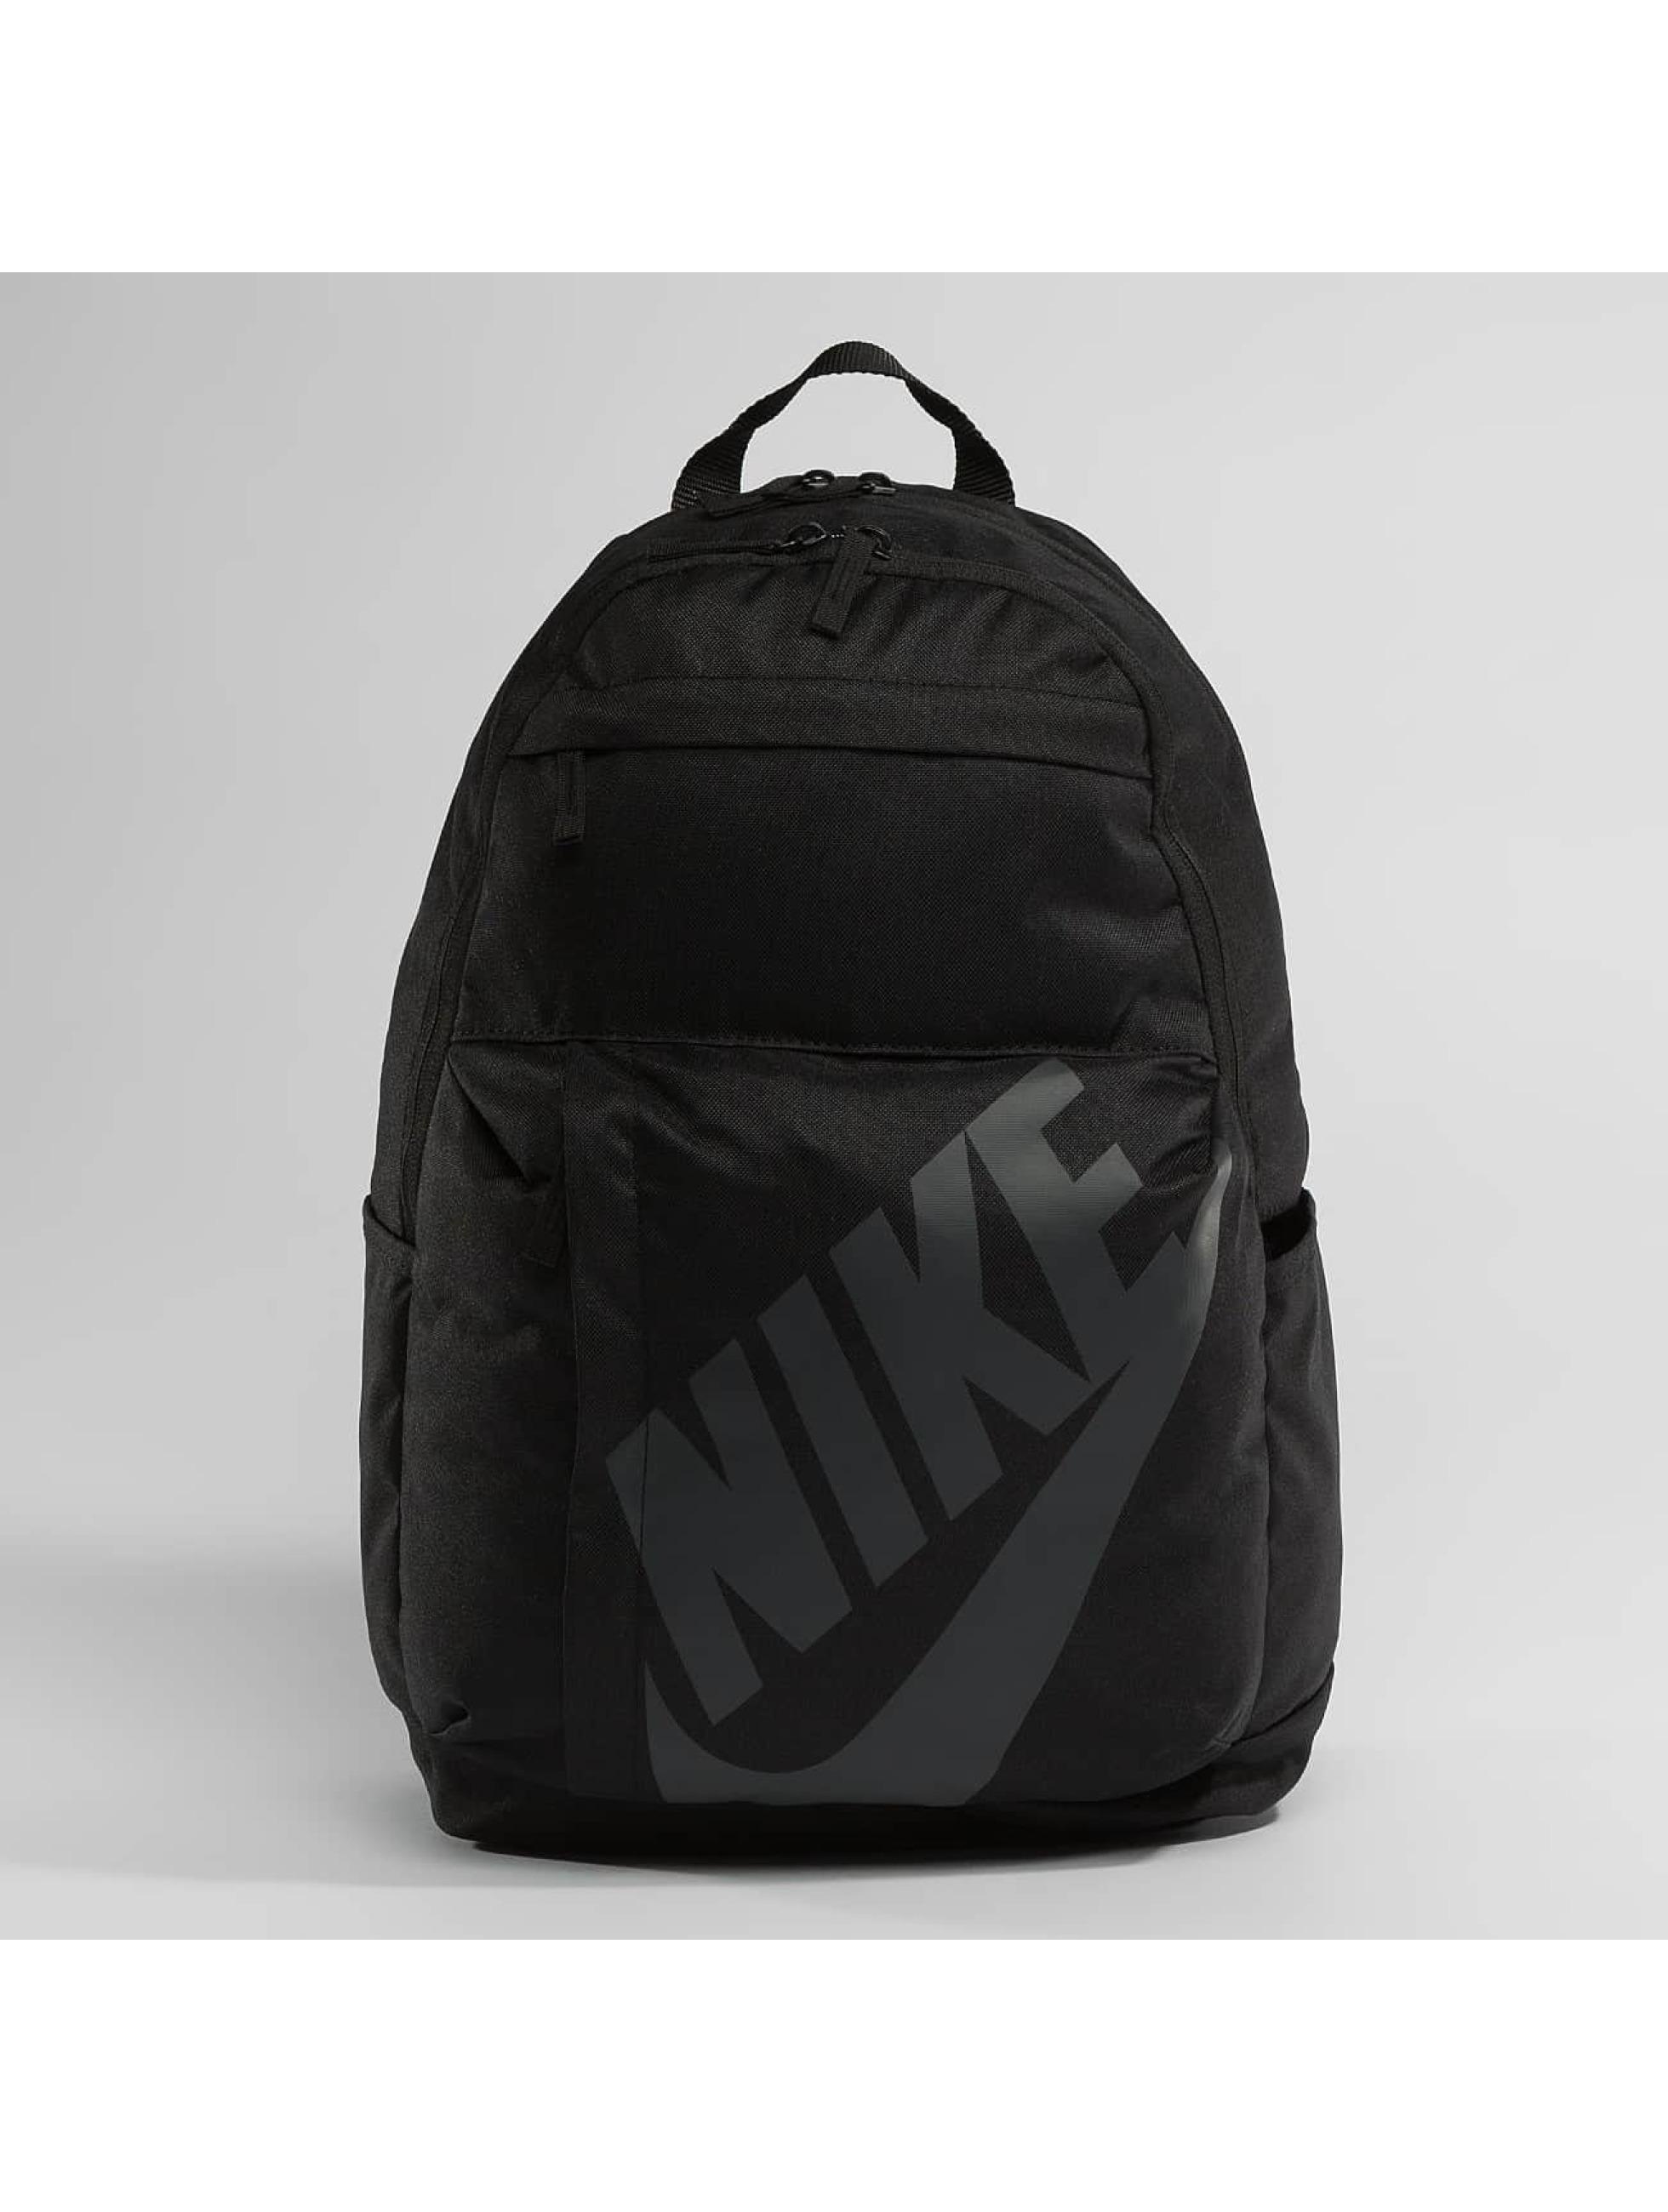 Nike Männer,Frauen Rucksack Elemental in schwarz